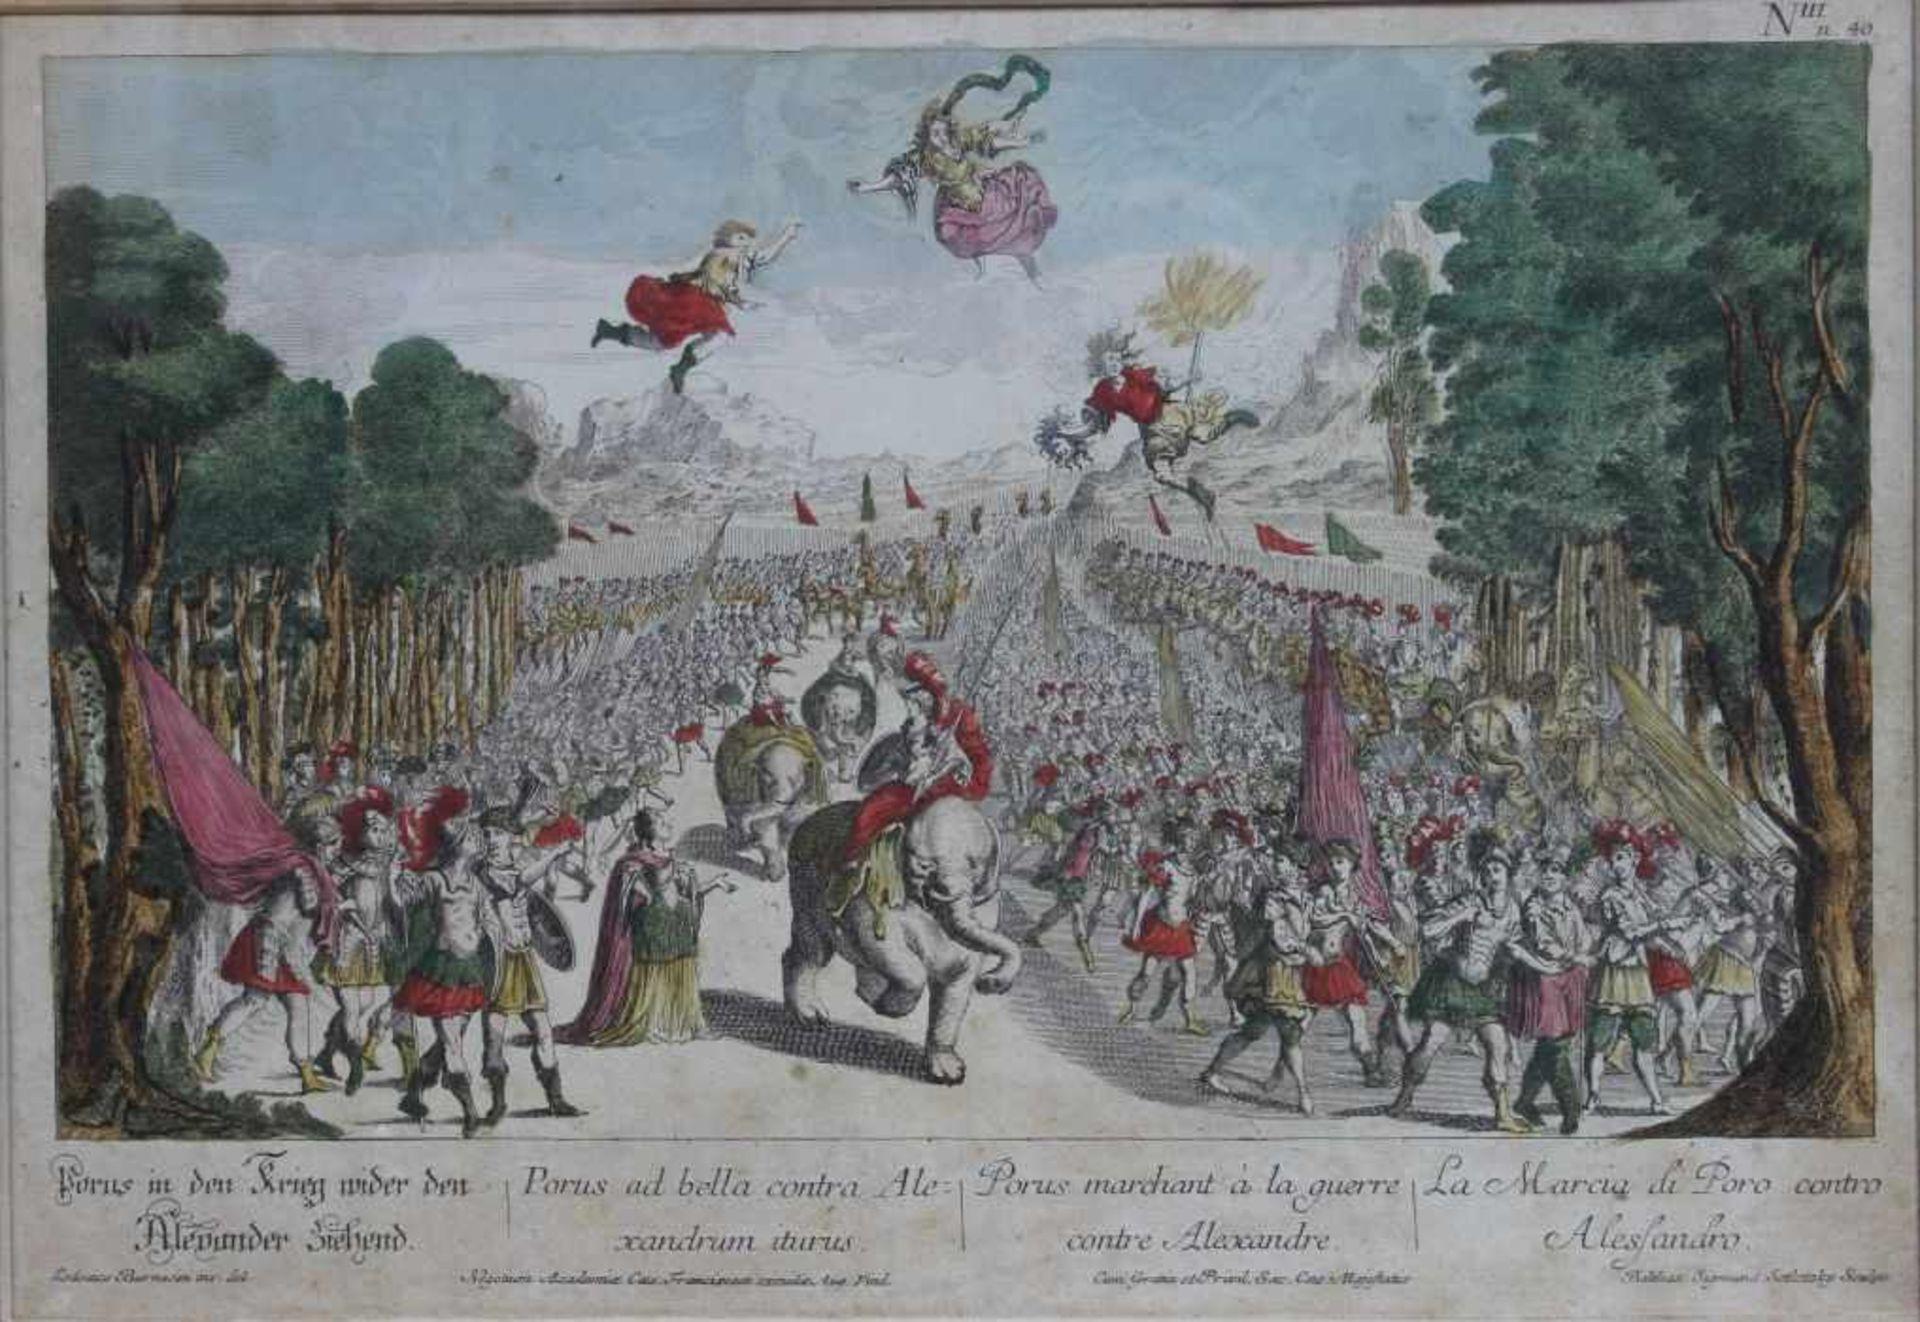 """Los 39 - Radierung - Balthasar Sigmund Setletzky (1695 Augsburg 1771) """"Porus in den Krieg wider den Alexander"""